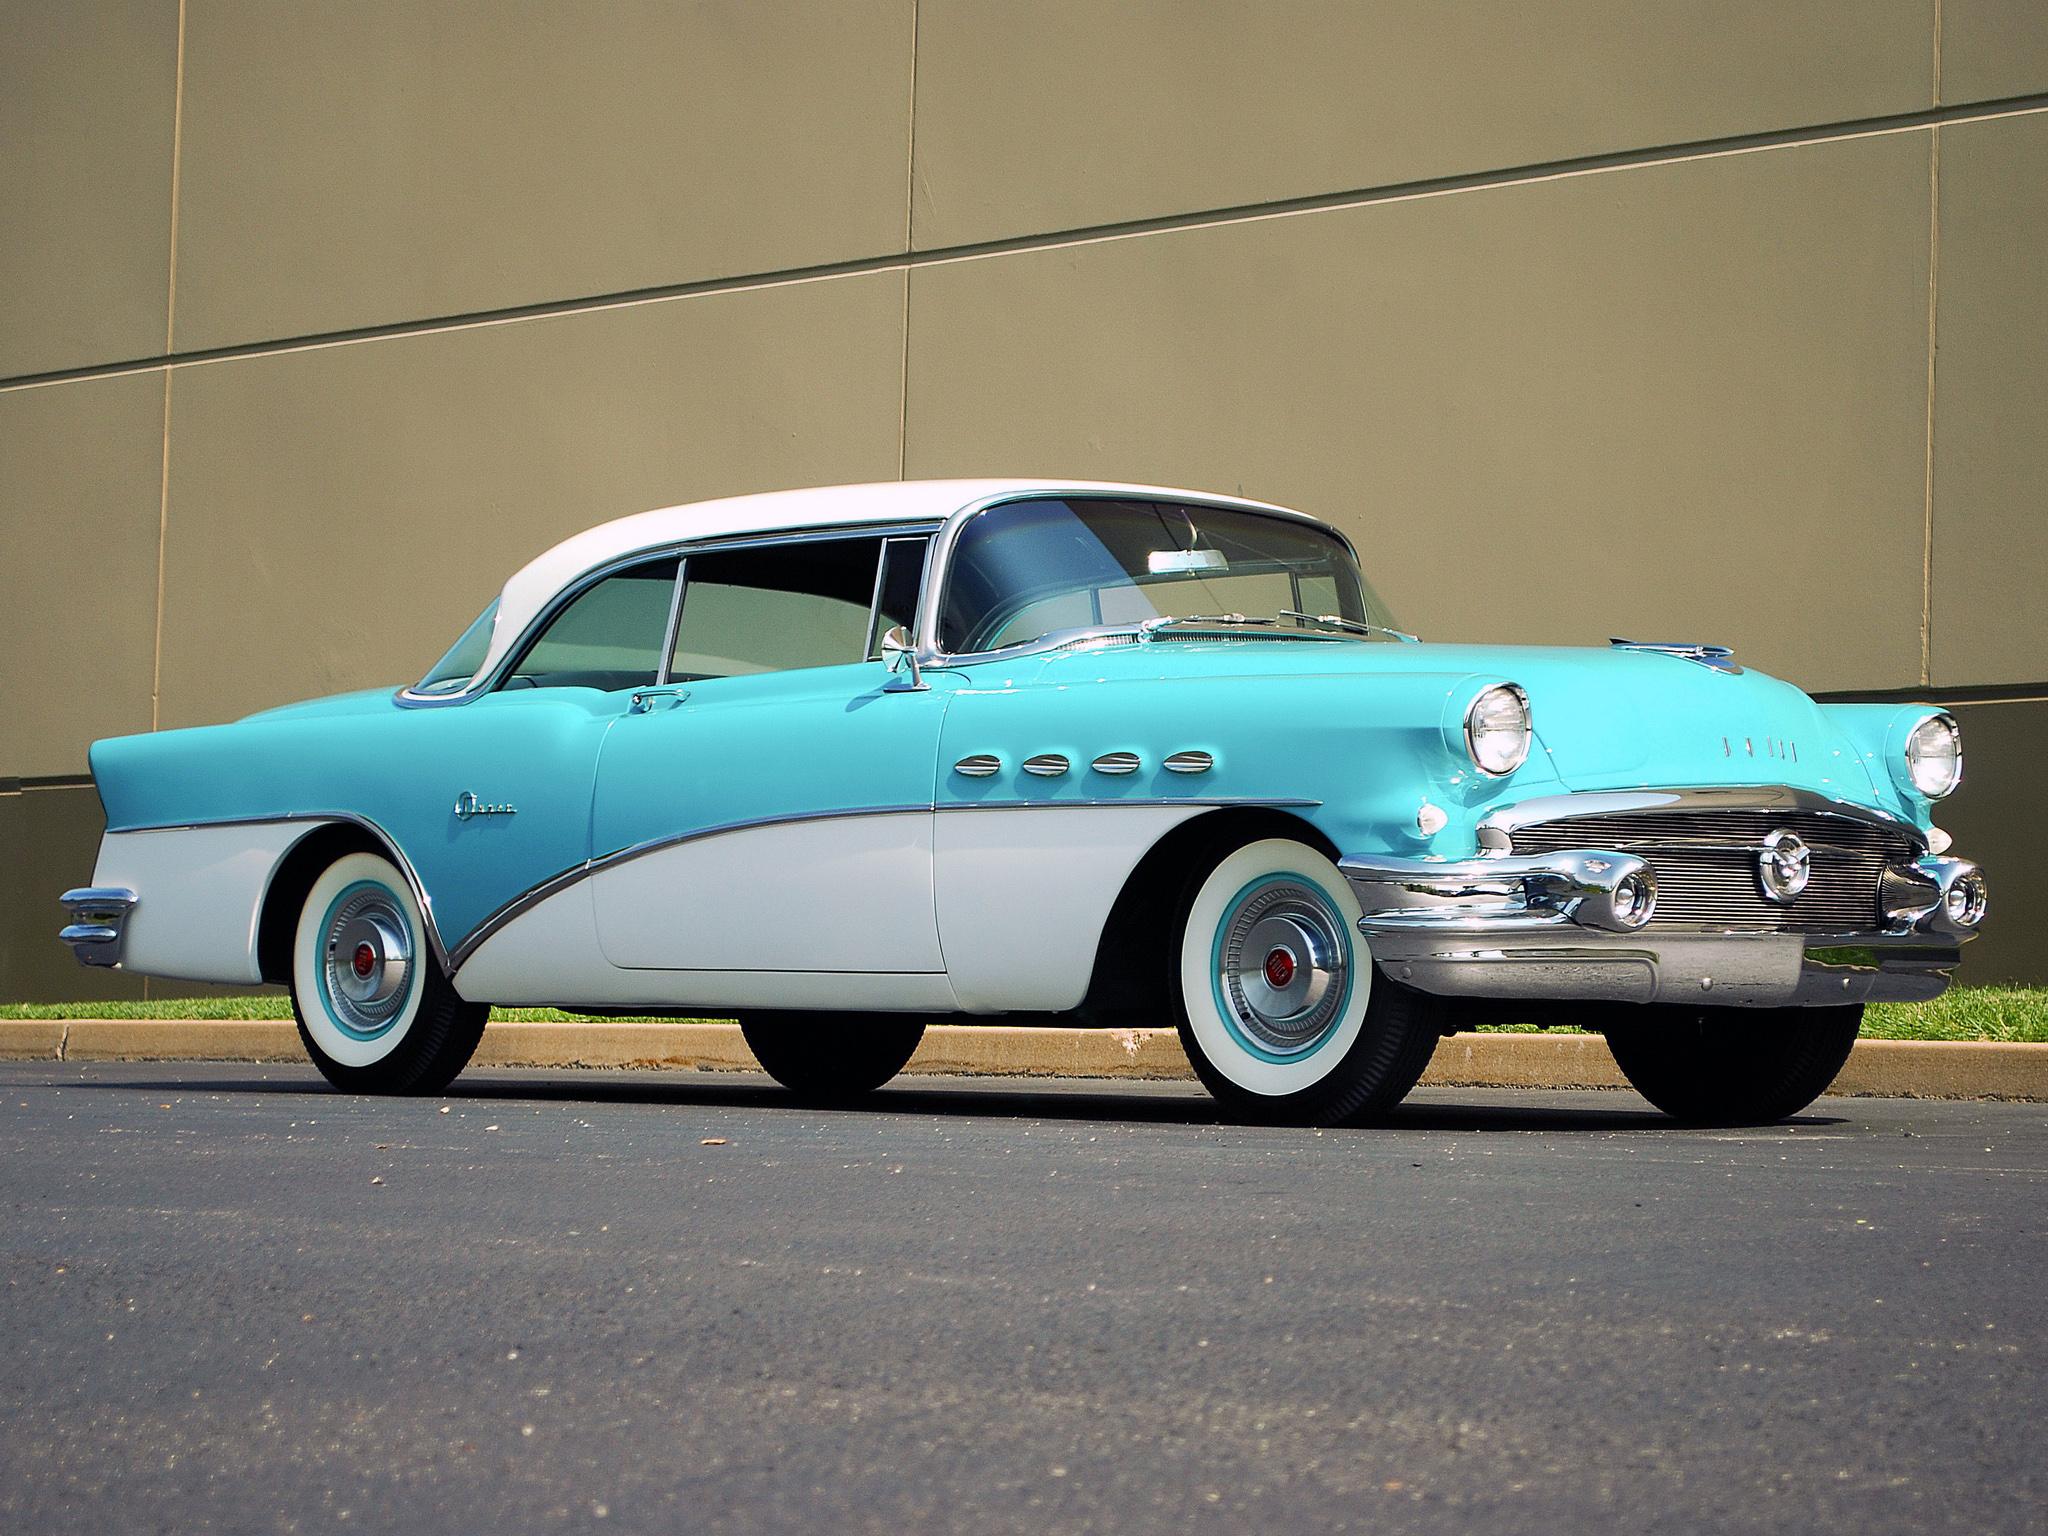 1956 Buick Super Riviera Hardtop Coupe Retro Wallpaper